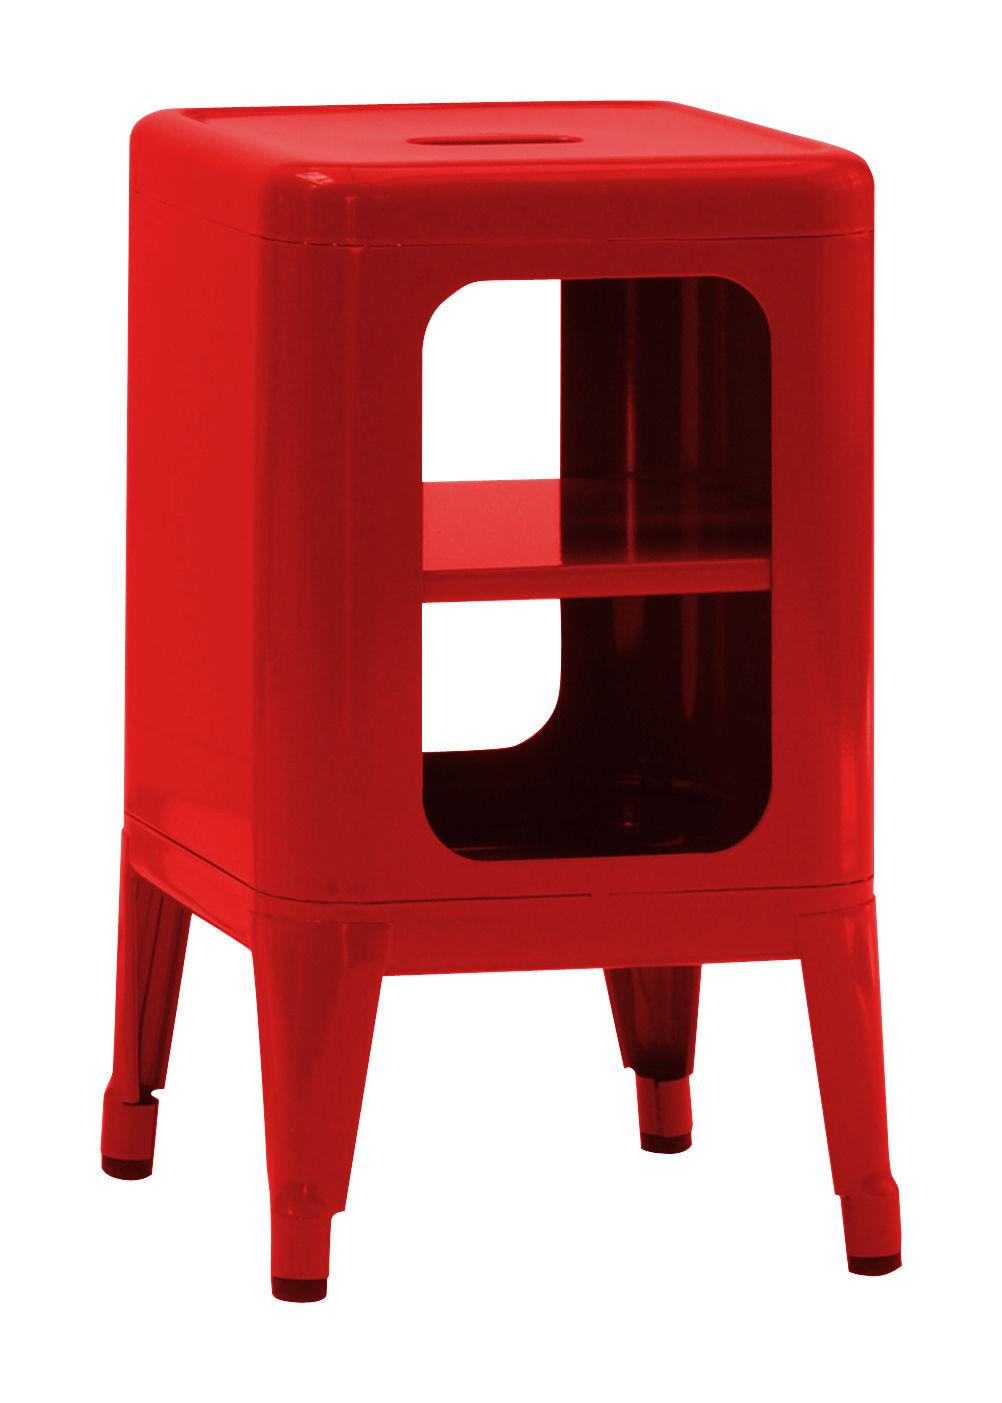 Arredamento - Scaffali e librerie - Mobile contenitore - acciaio laccato - H 50 cm di Tolix - Rosso - Acier recyclé laqué